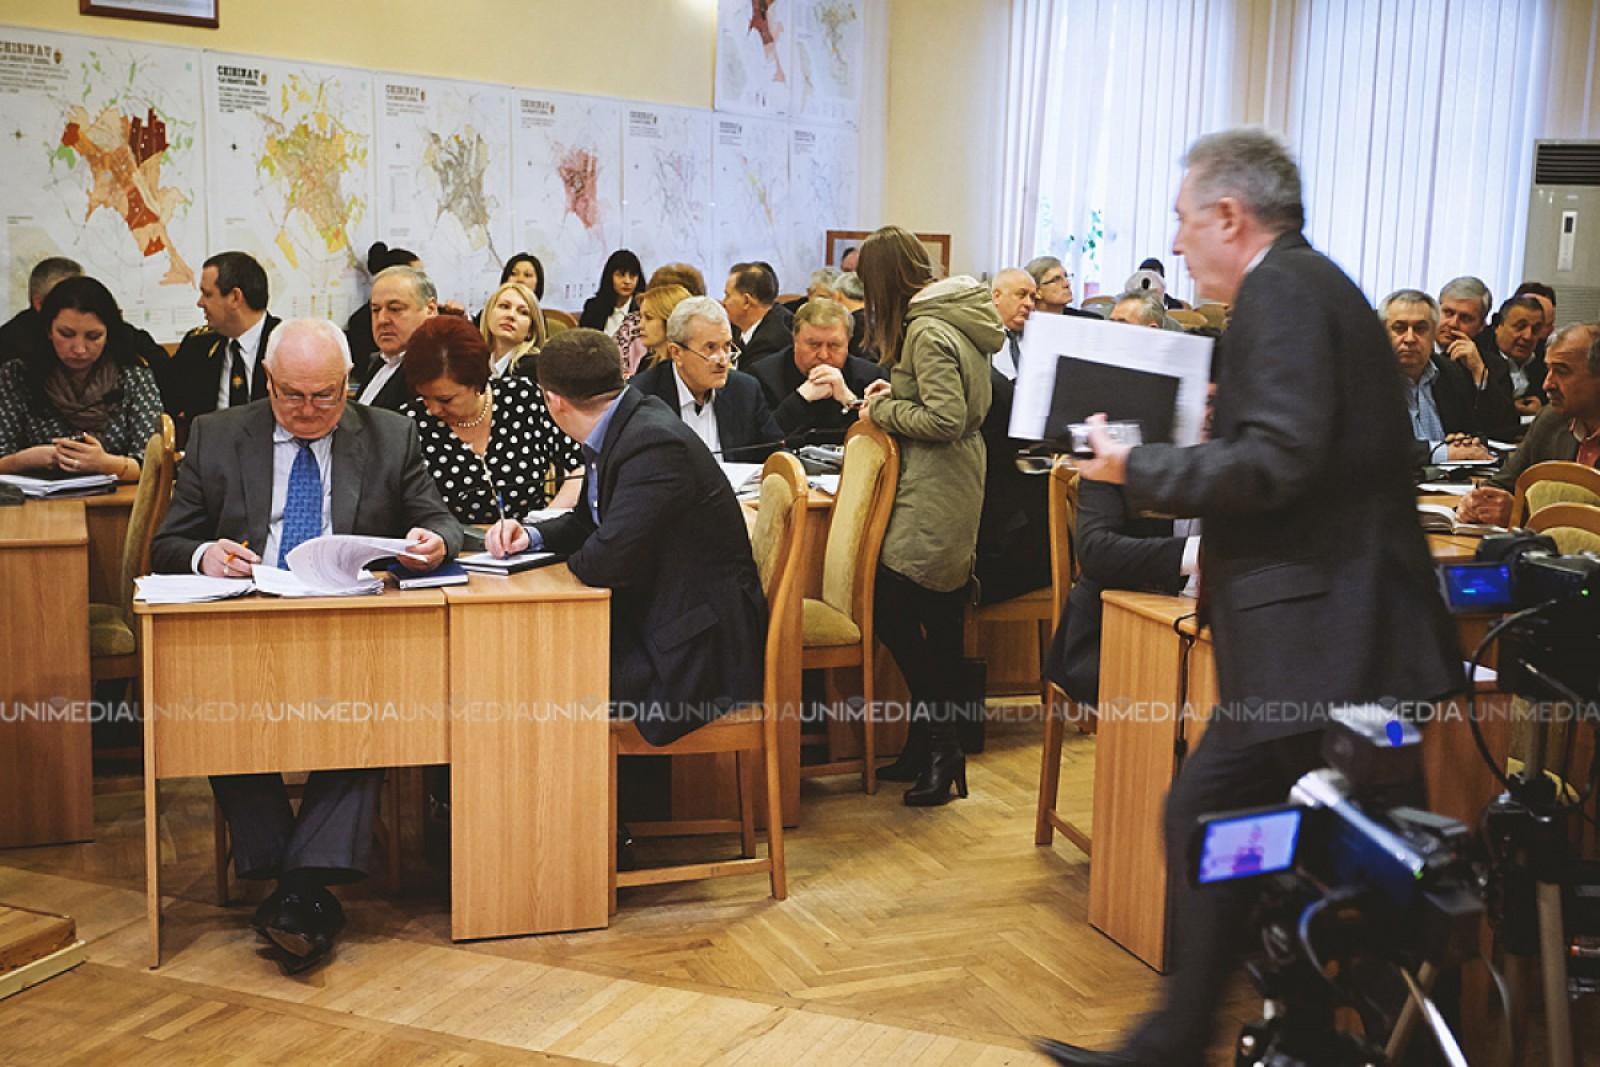 (doc) CMC a aprobat lista funcționarilor de la Primărie care vor primi premii bănești; Chirtoacă, Grozavu, Fleaș, Poiată nu se regăsesc printre beneficiari